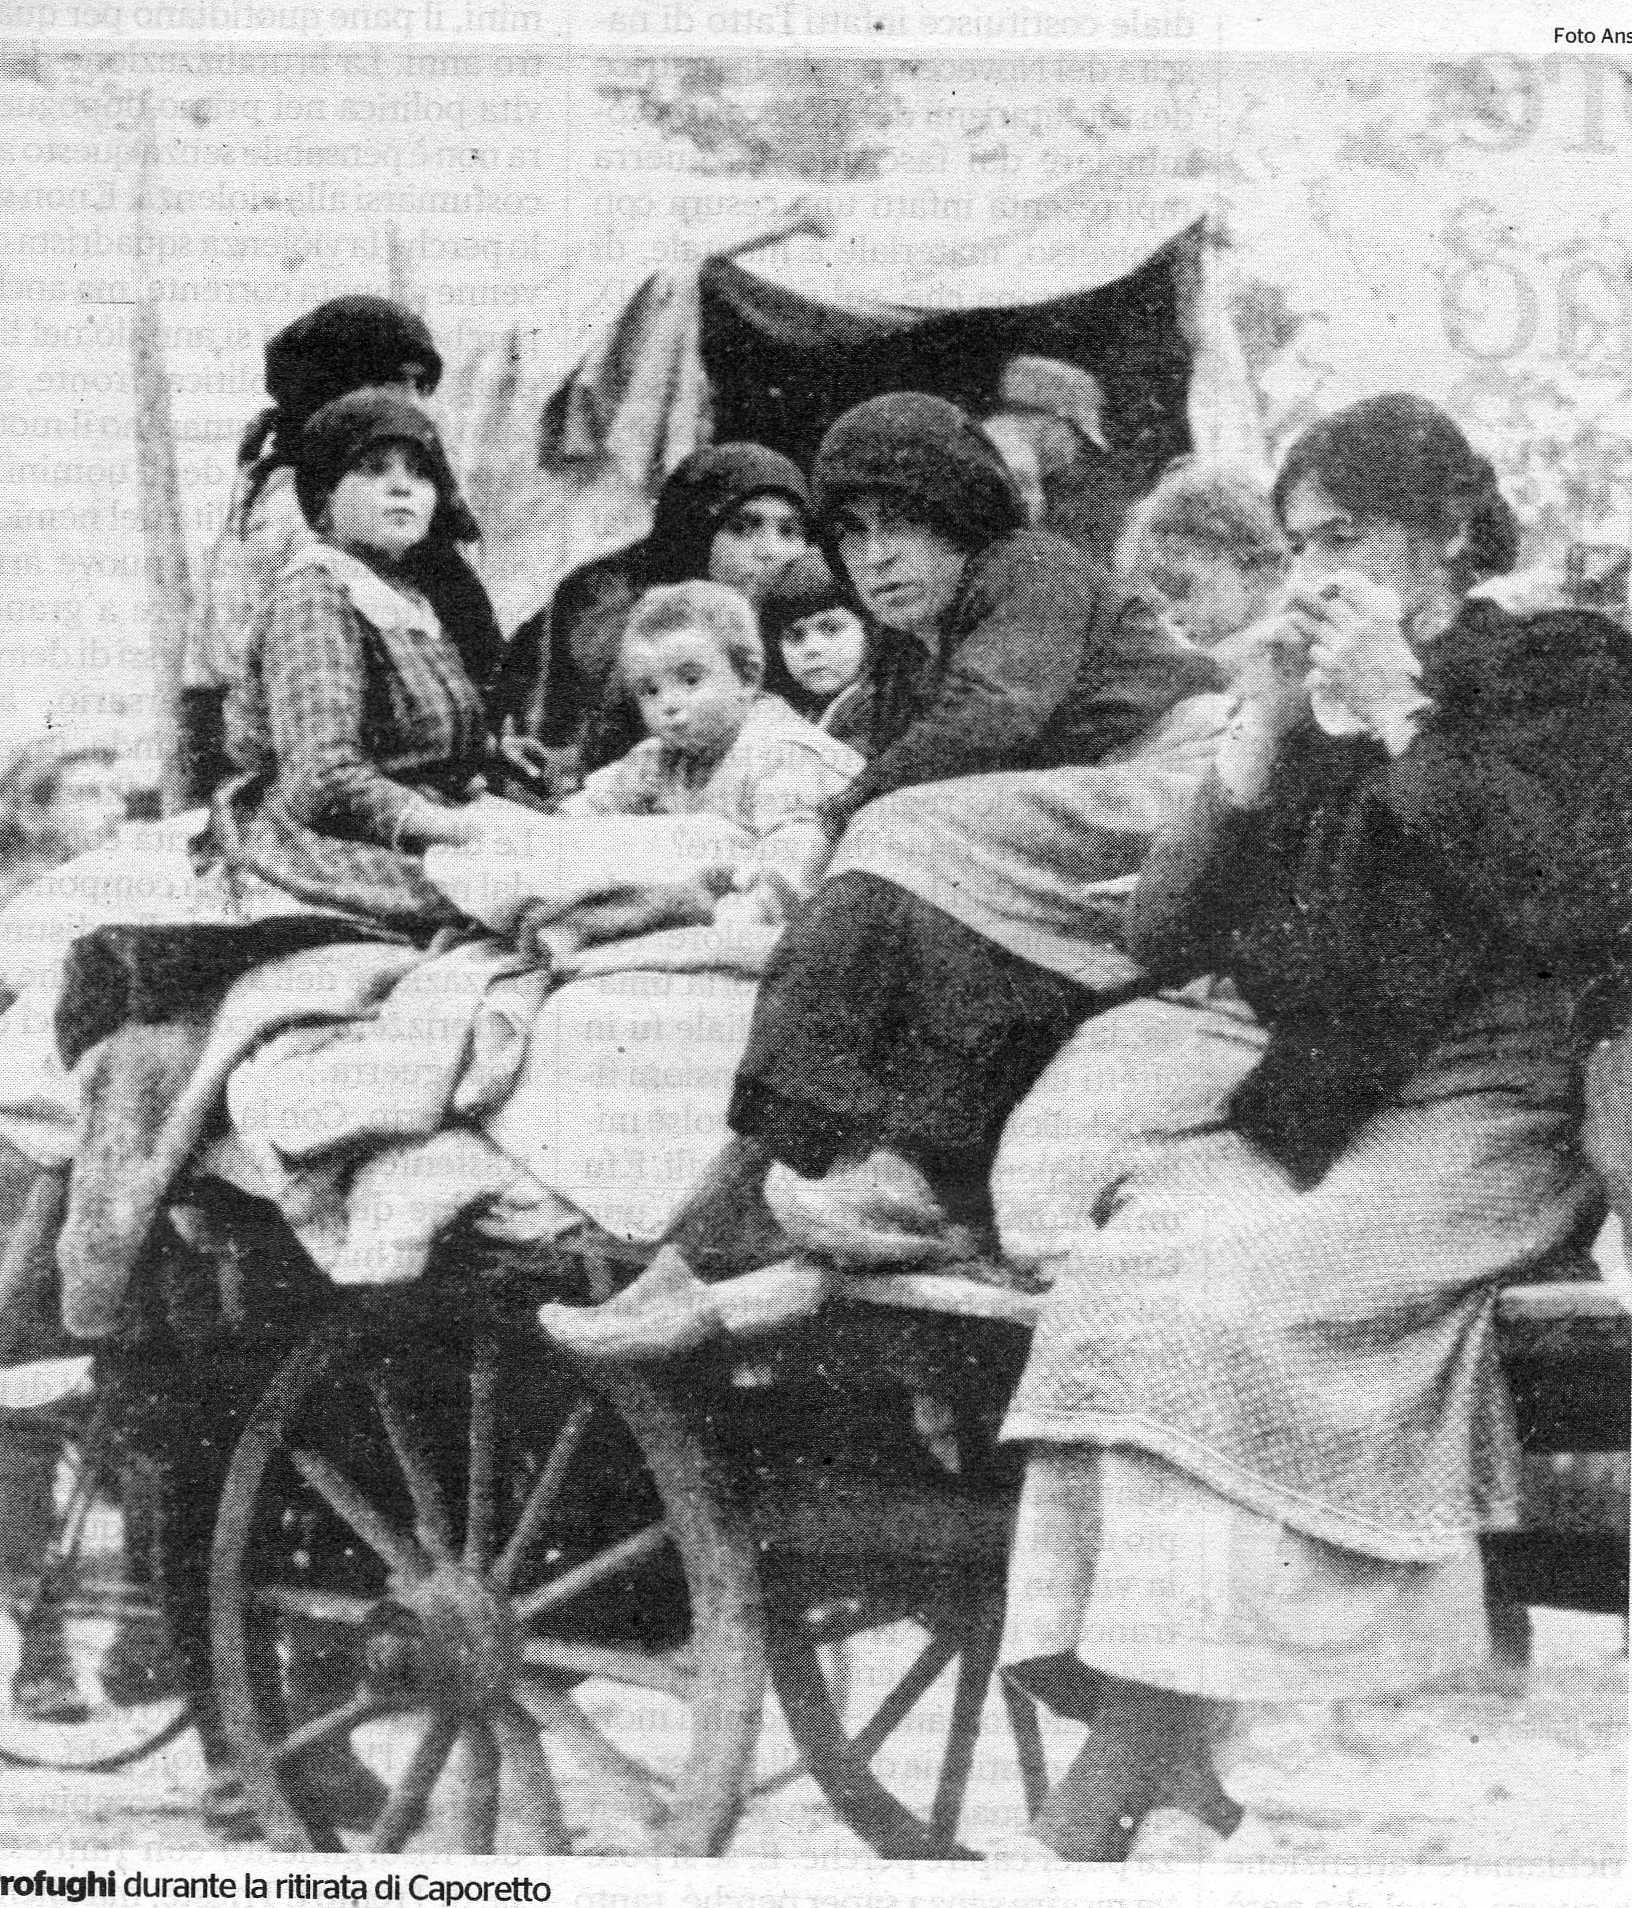 Profughi abbandonano le loro case dopo Caporetto